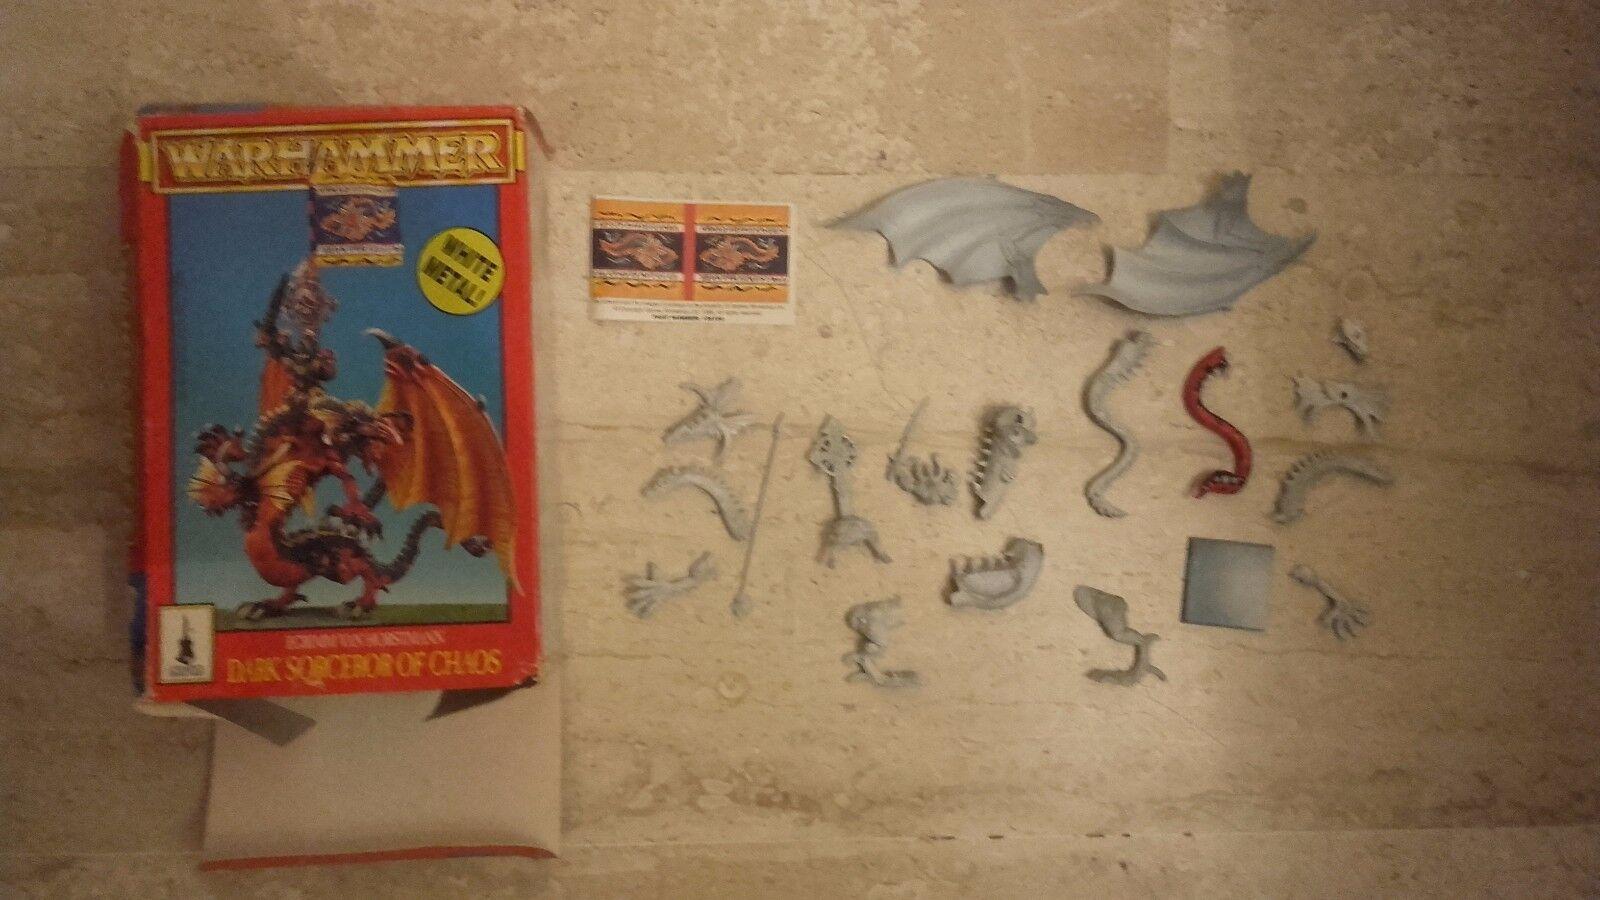 Warhammer sacerdote oscuro dragon metal imprimado y empezado a pintar c abierta